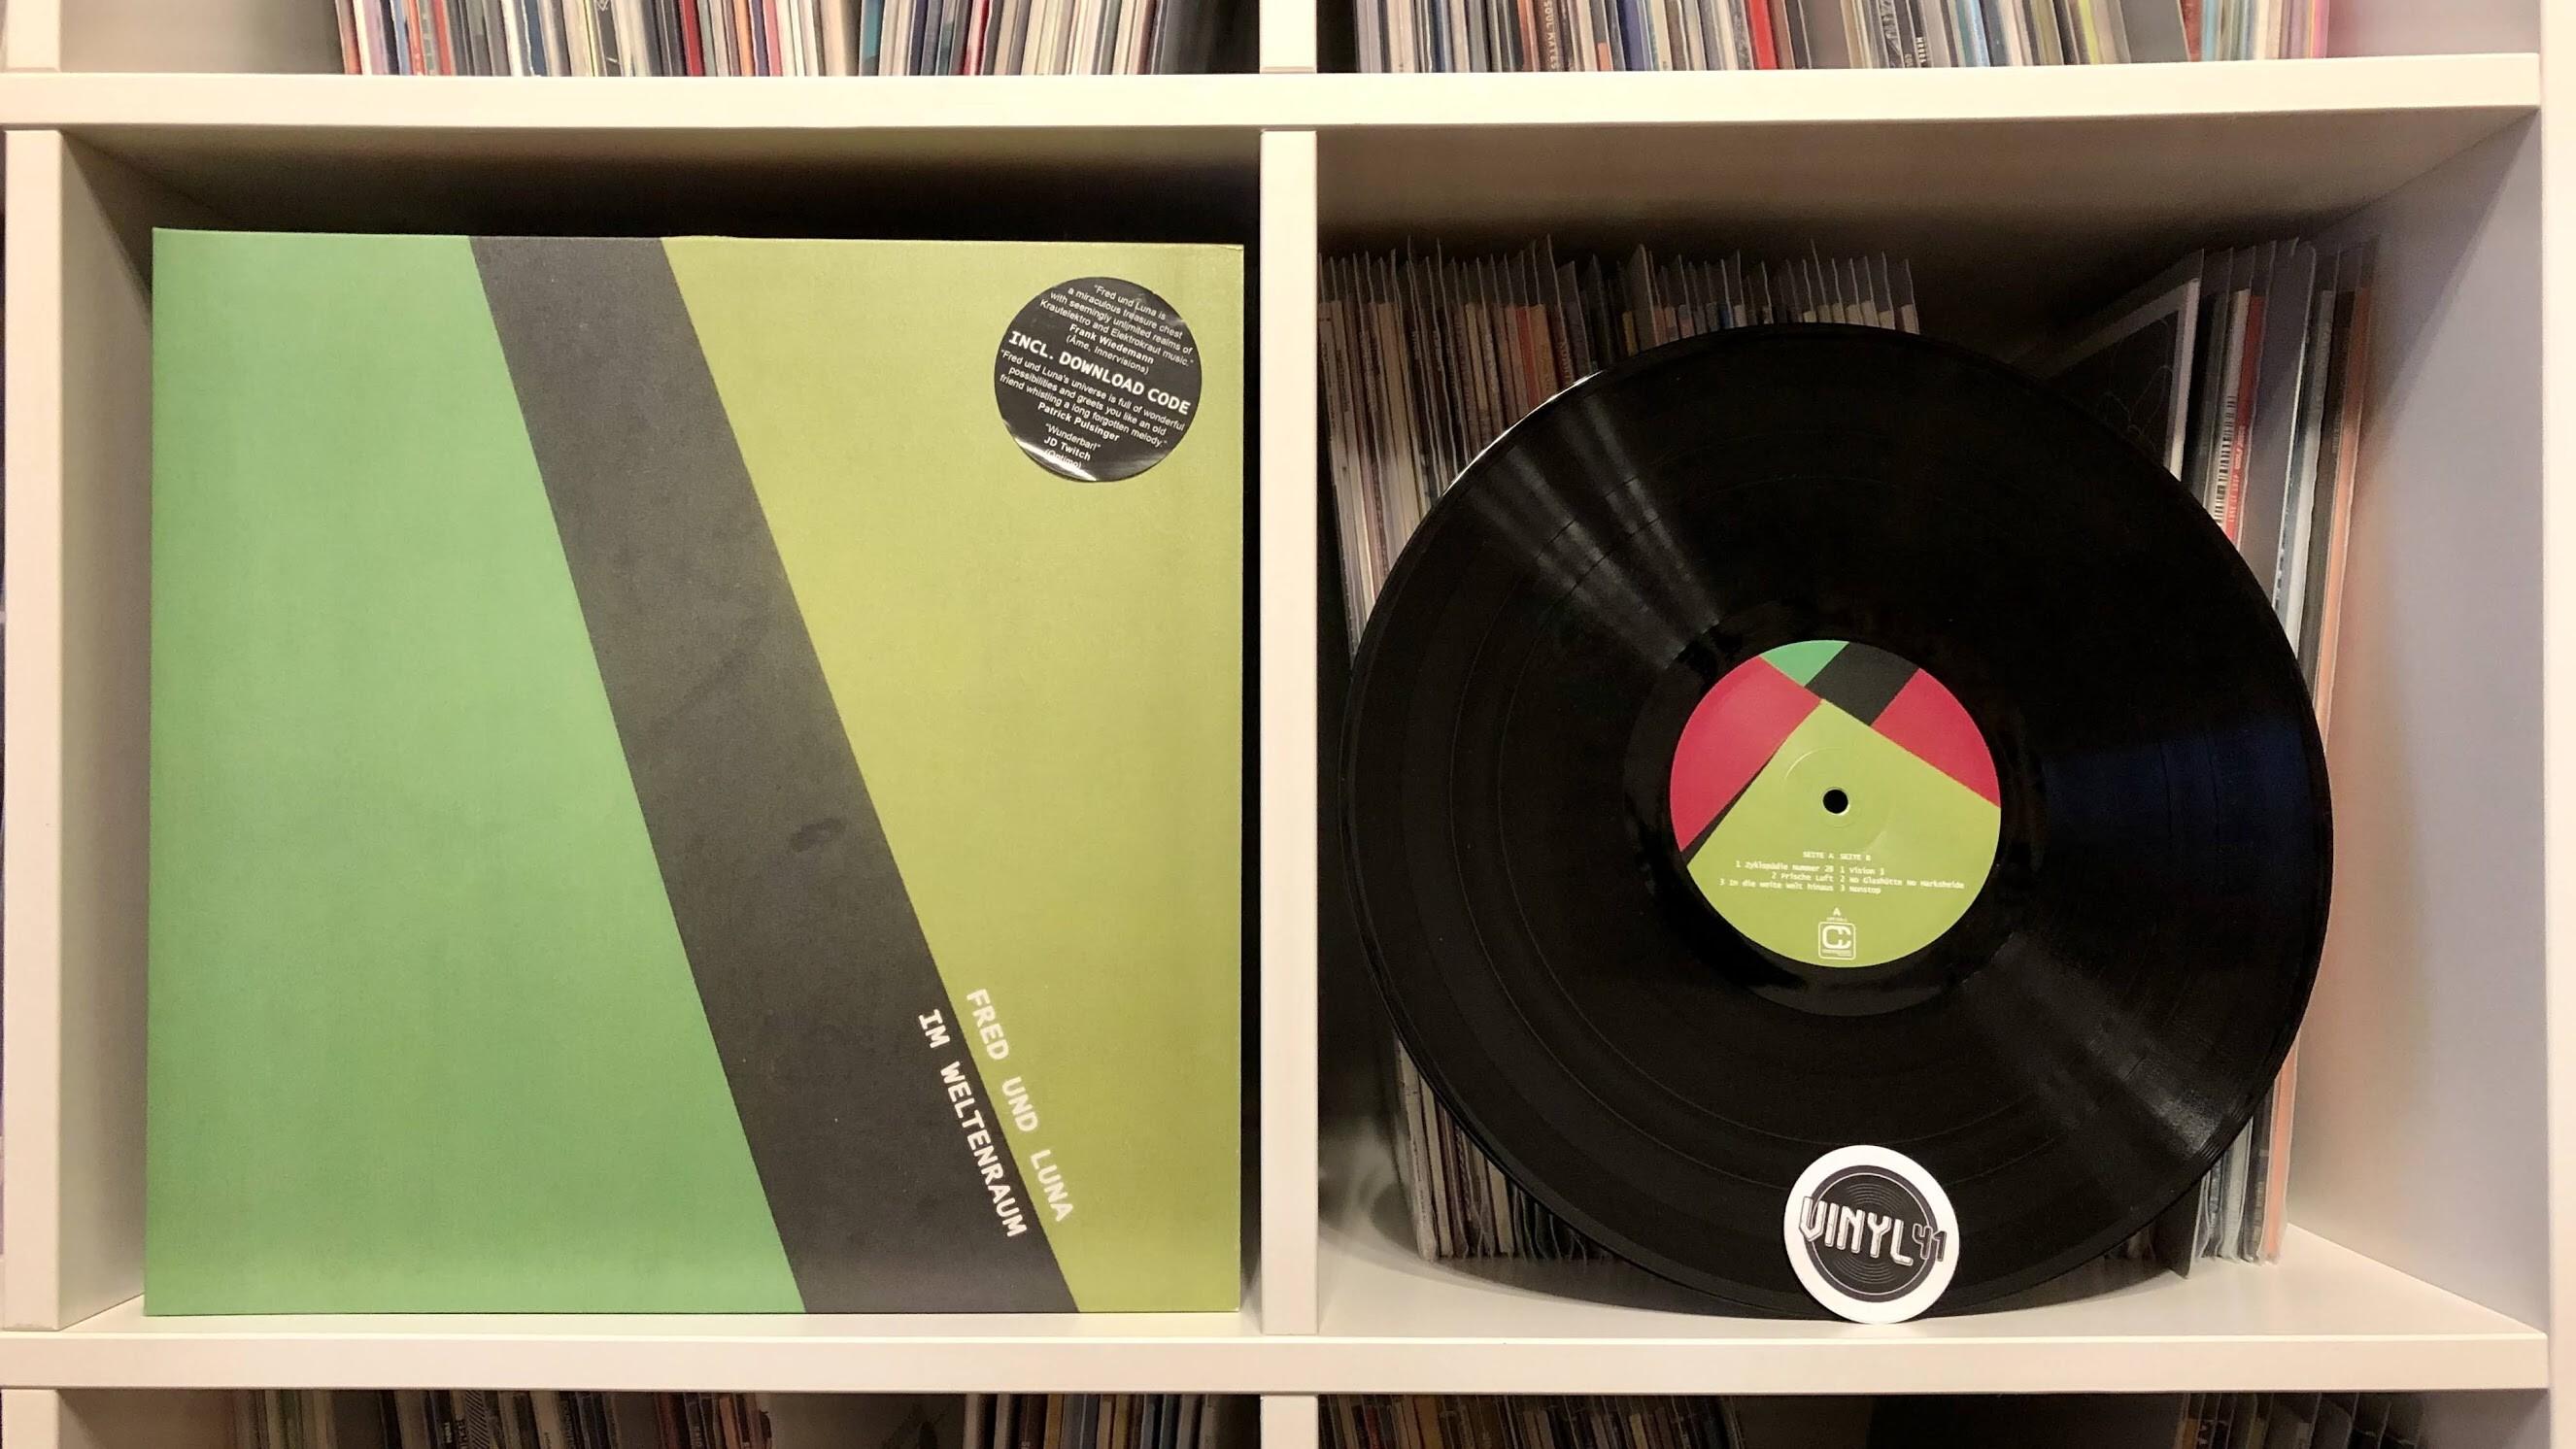 Fred und Luna - Im Weltenraum (Compost Records)